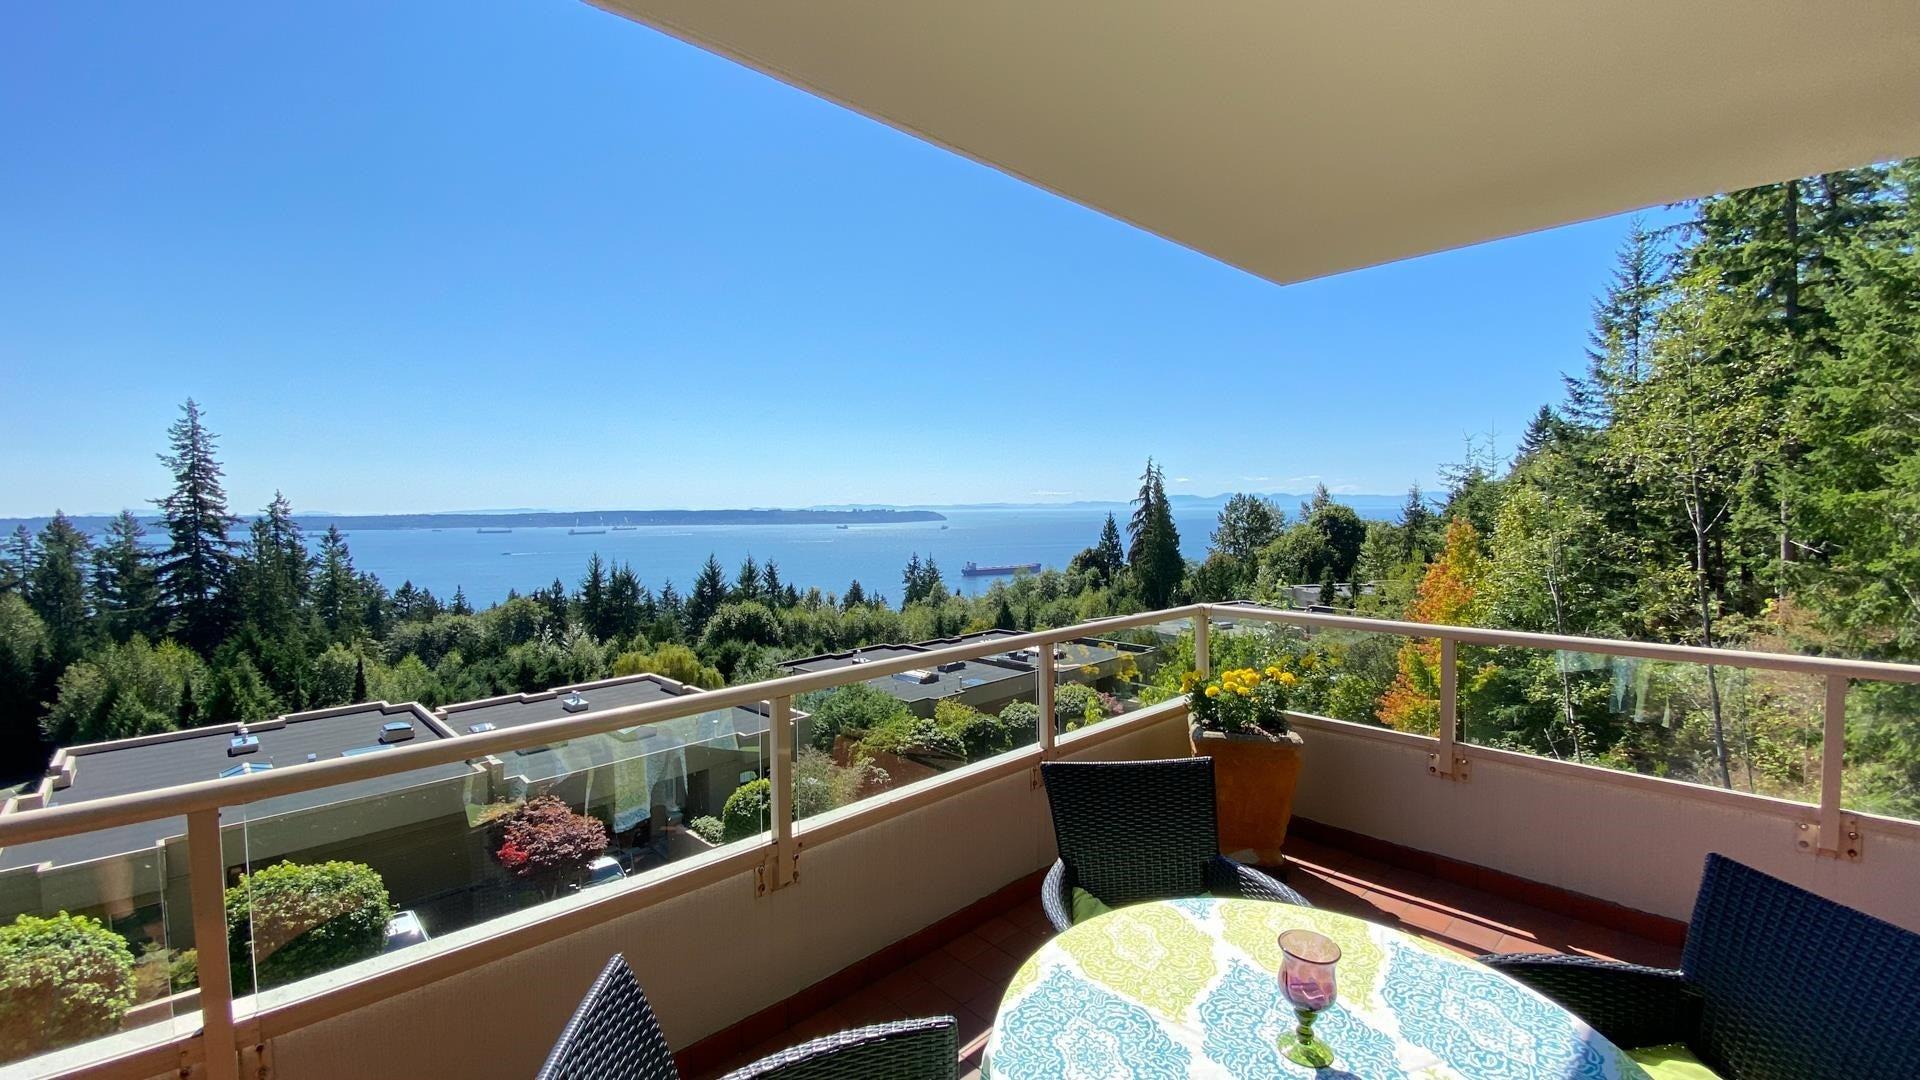 301 3131 DEER RIDGE DRIVE - Deer Ridge WV Apartment/Condo for sale, 2 Bedrooms (R2615692) - #2